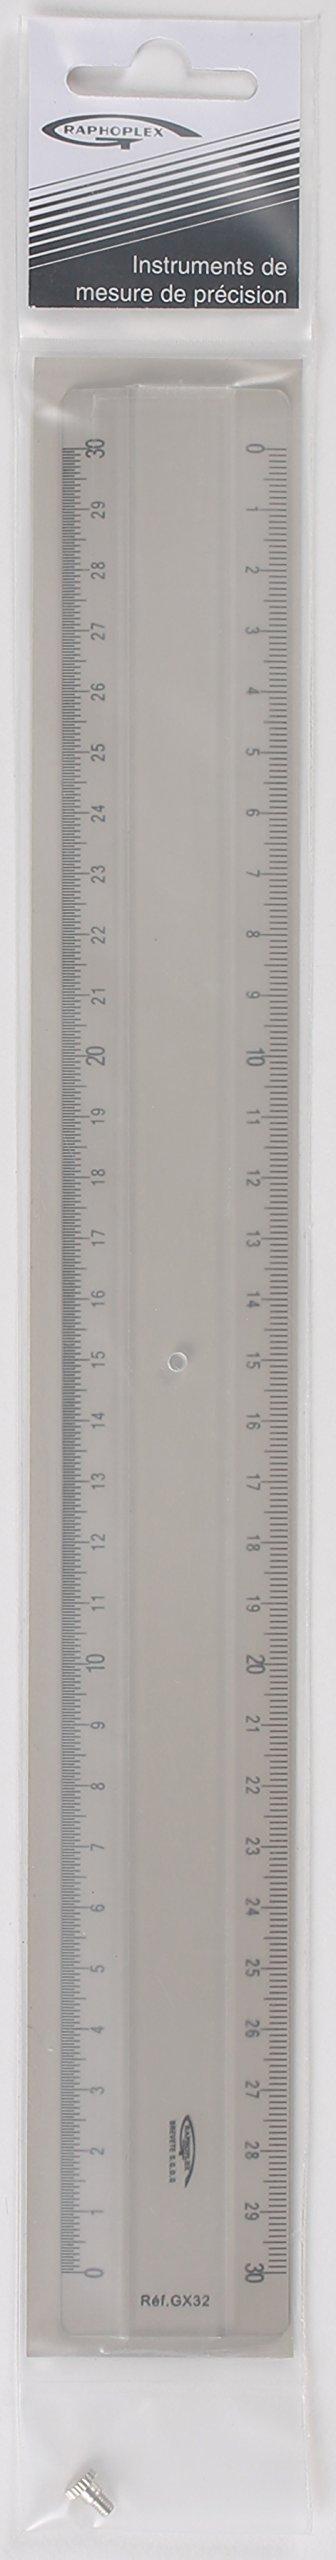 Graphoplex Ruler 2Bevels + embossment Transparent 30 cm transparent